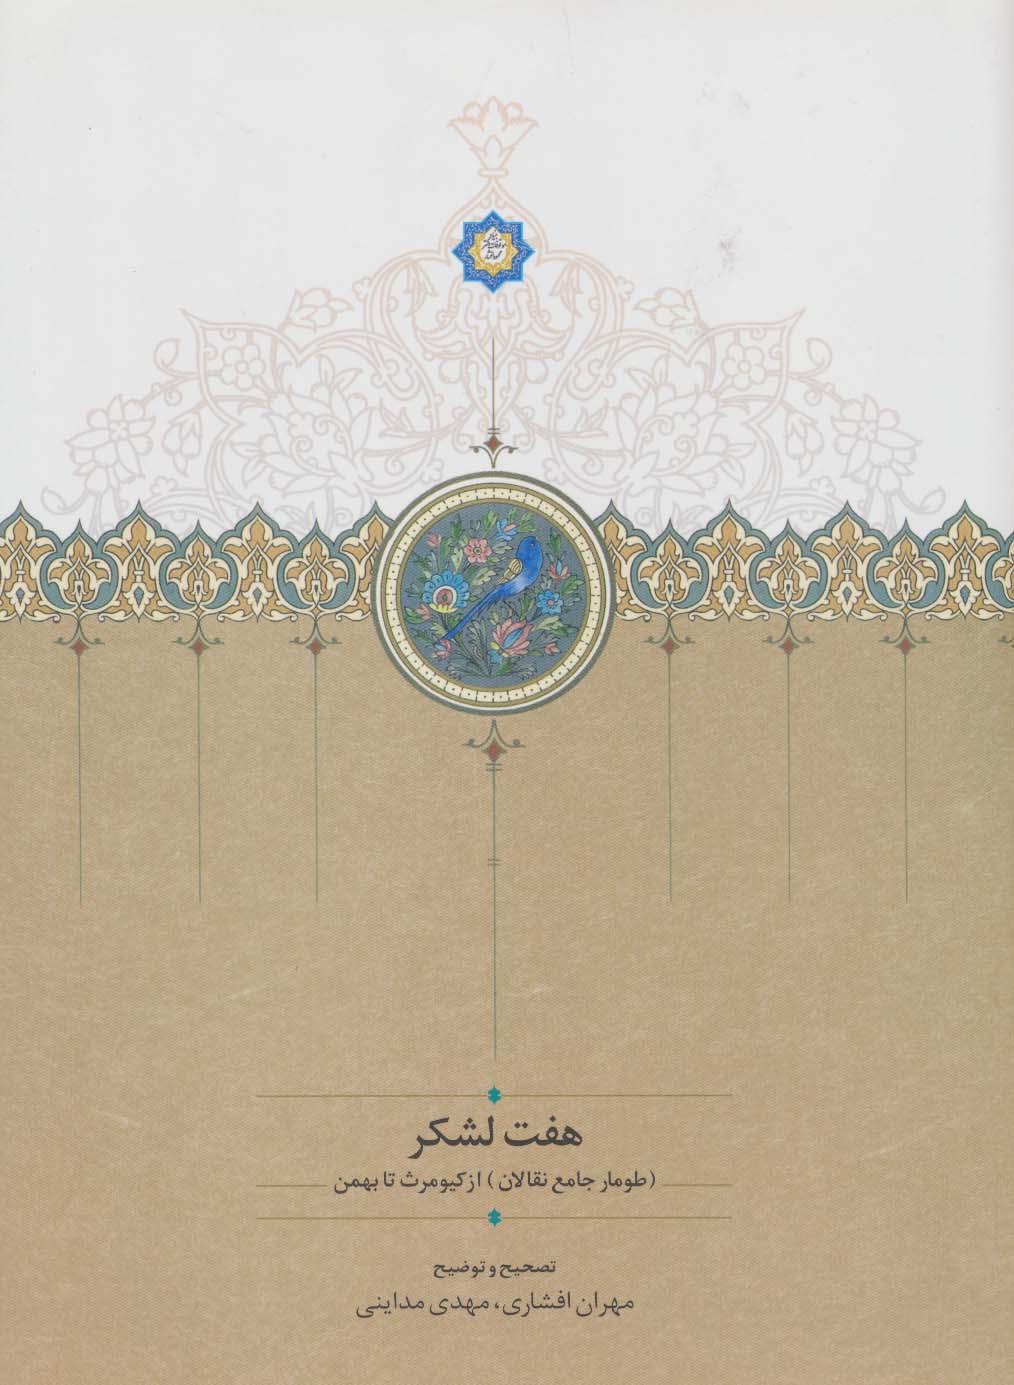 هفت لشکر ((طومار جامع نقالان) از کیومرث تا بهمن)